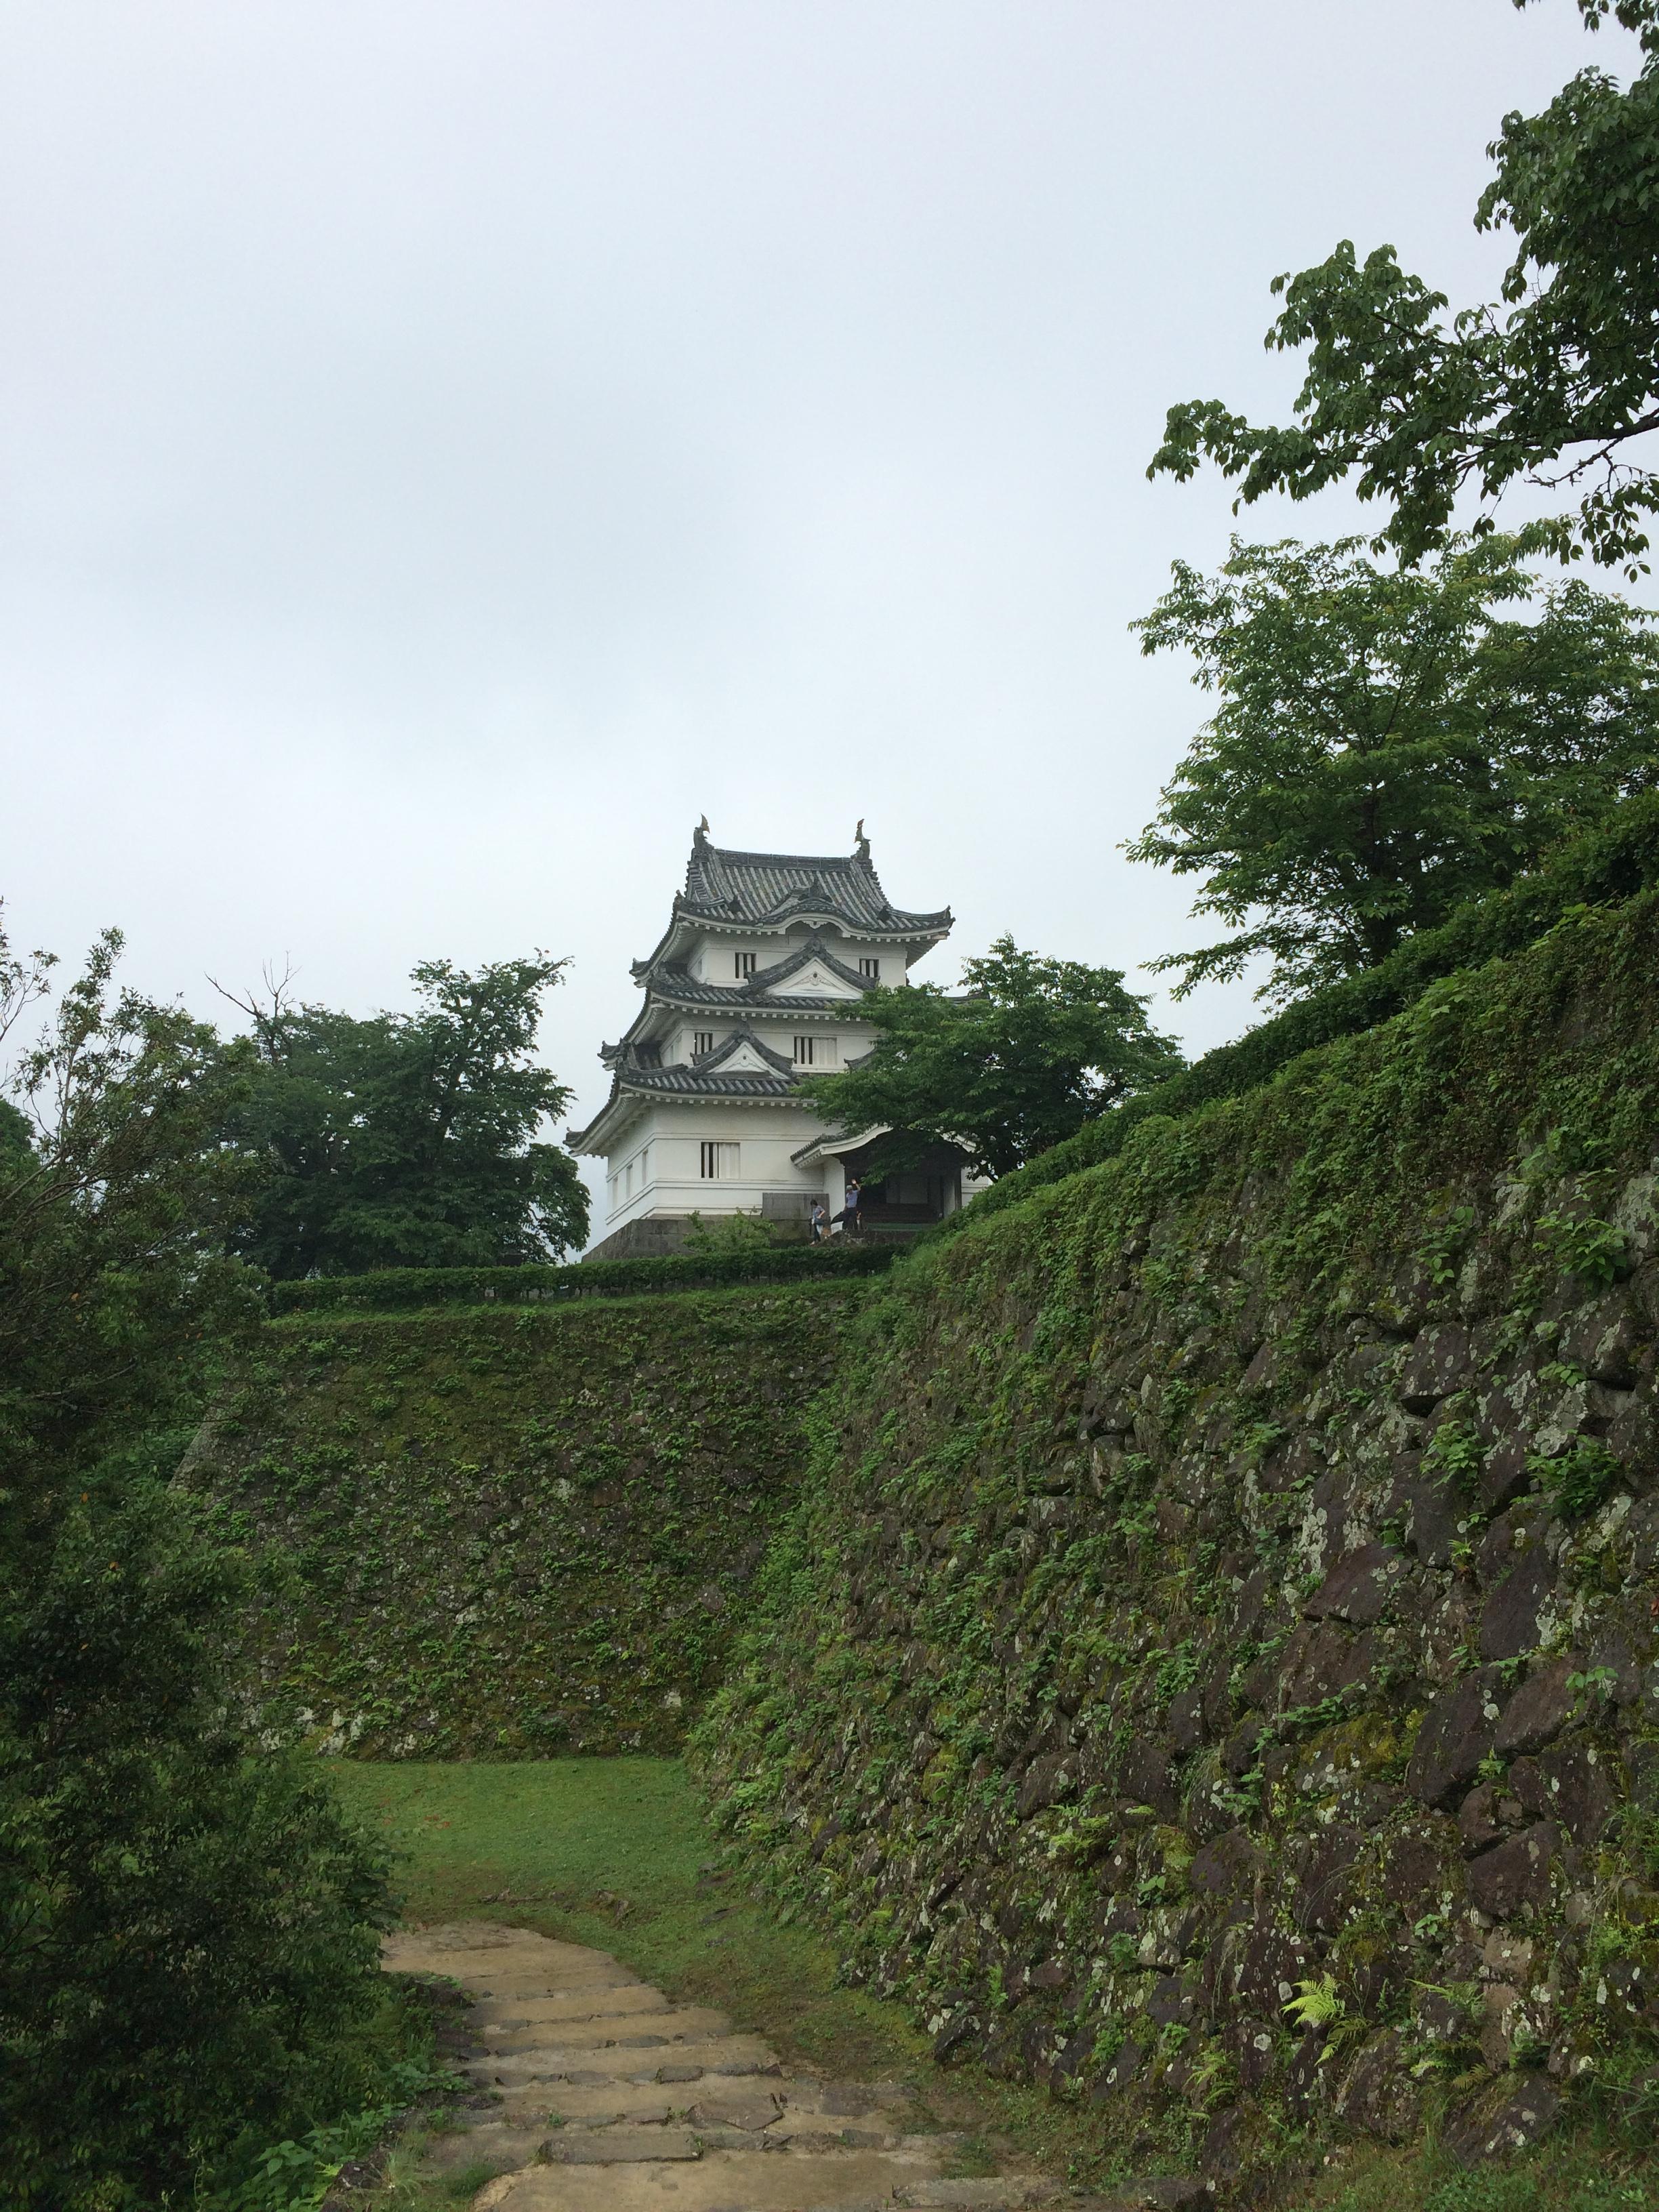 【現存天守】宇和島城(愛媛県宇和島市)の漆喰壁を見てきた。